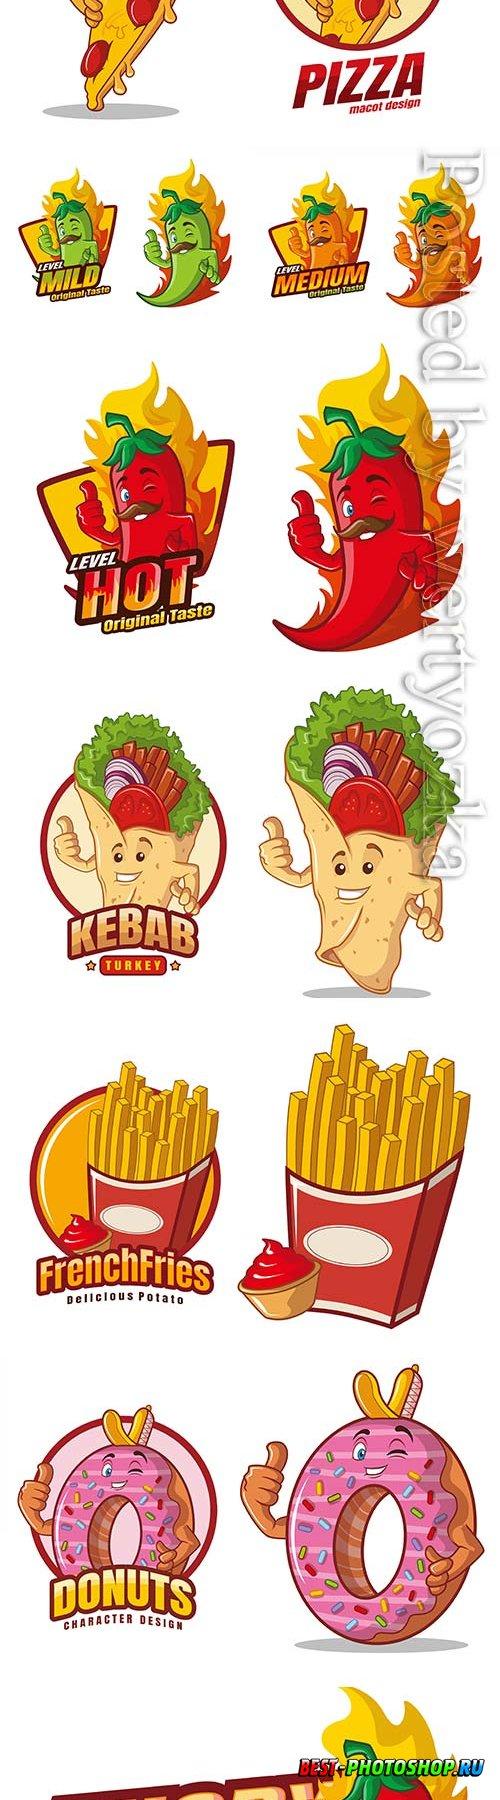 Food cartoon character mascot vector design